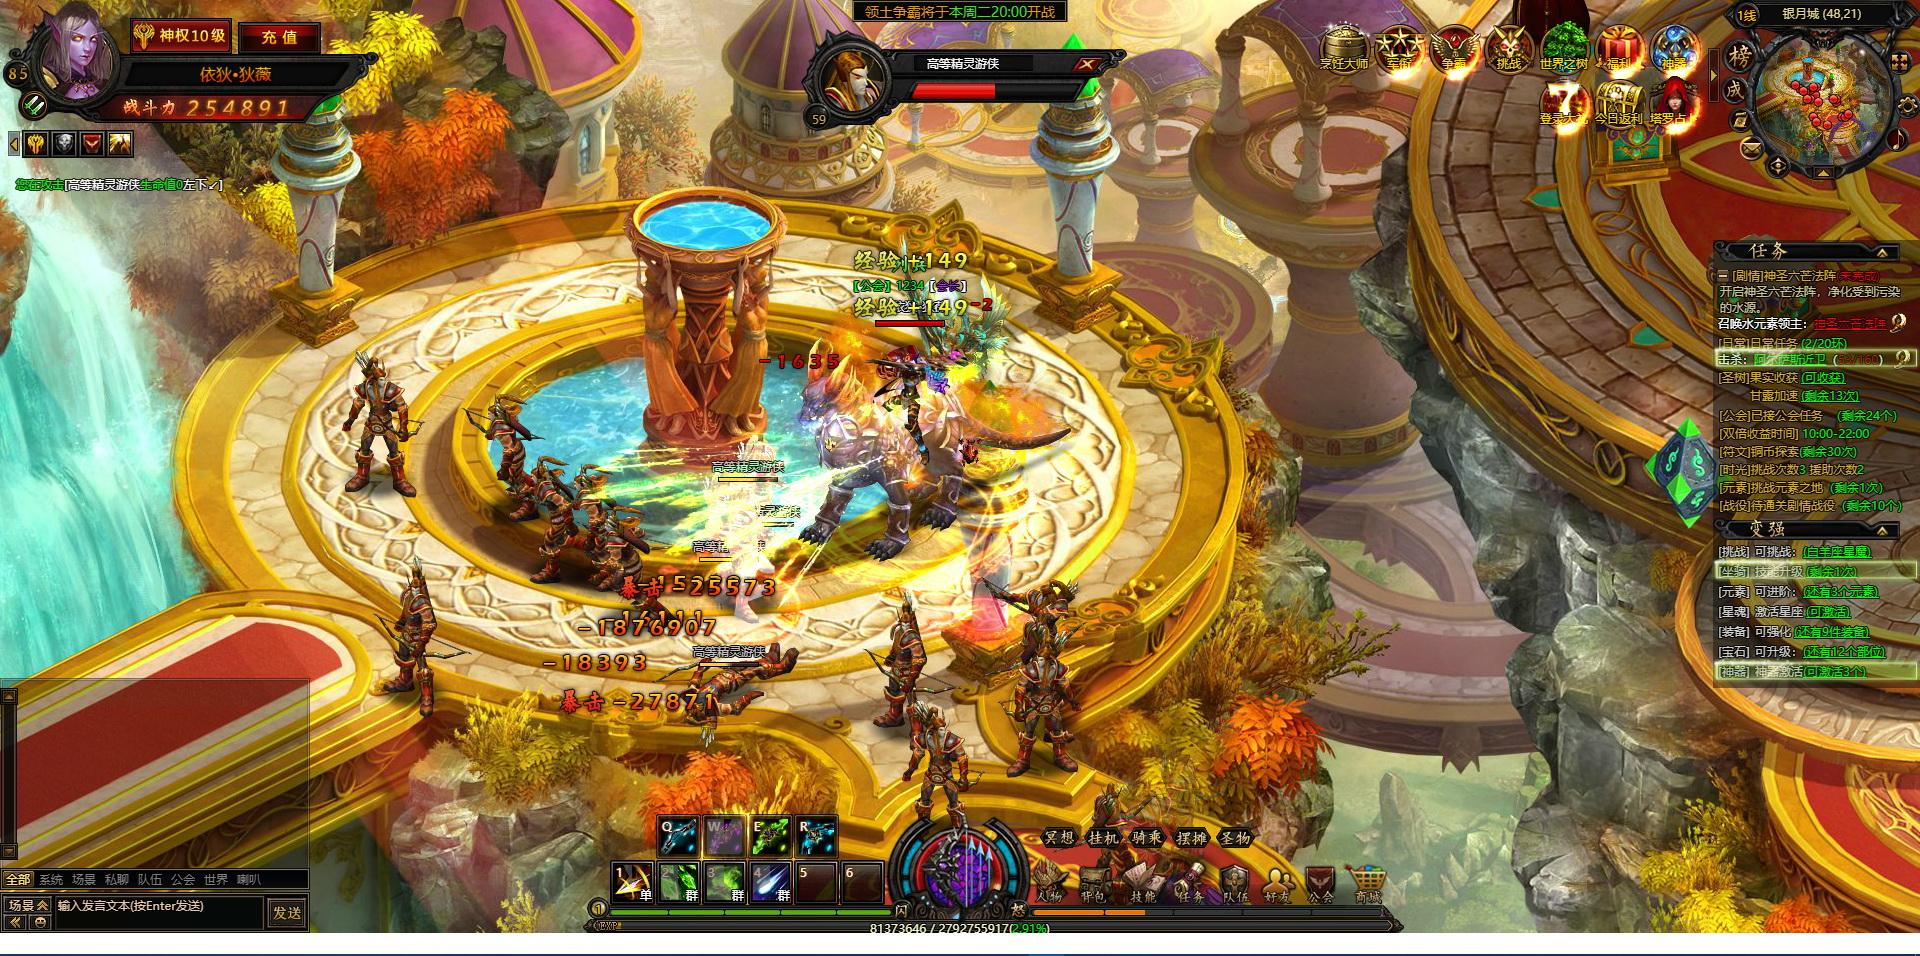 《部落与联盟》游戏截图